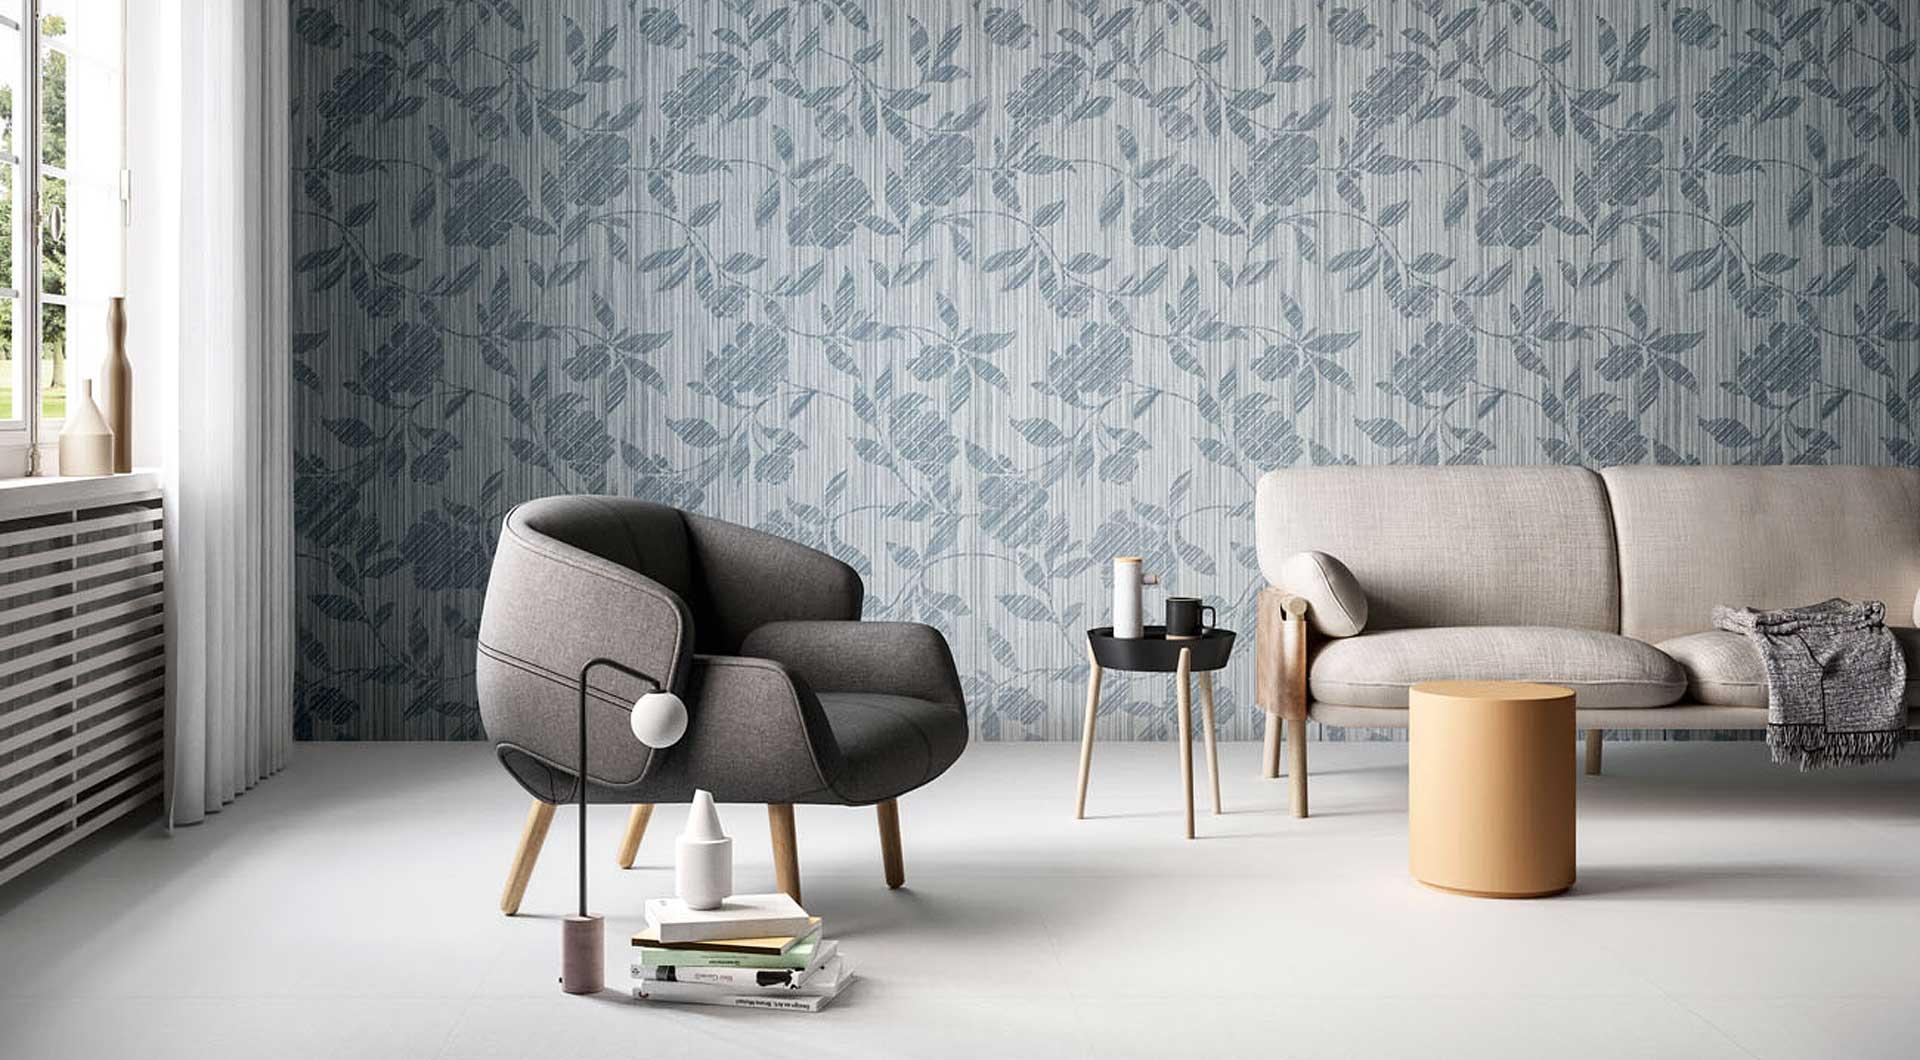 cotto-deste-design-partner-natalucci-wonderwallrose_garden_ashambrgbslide